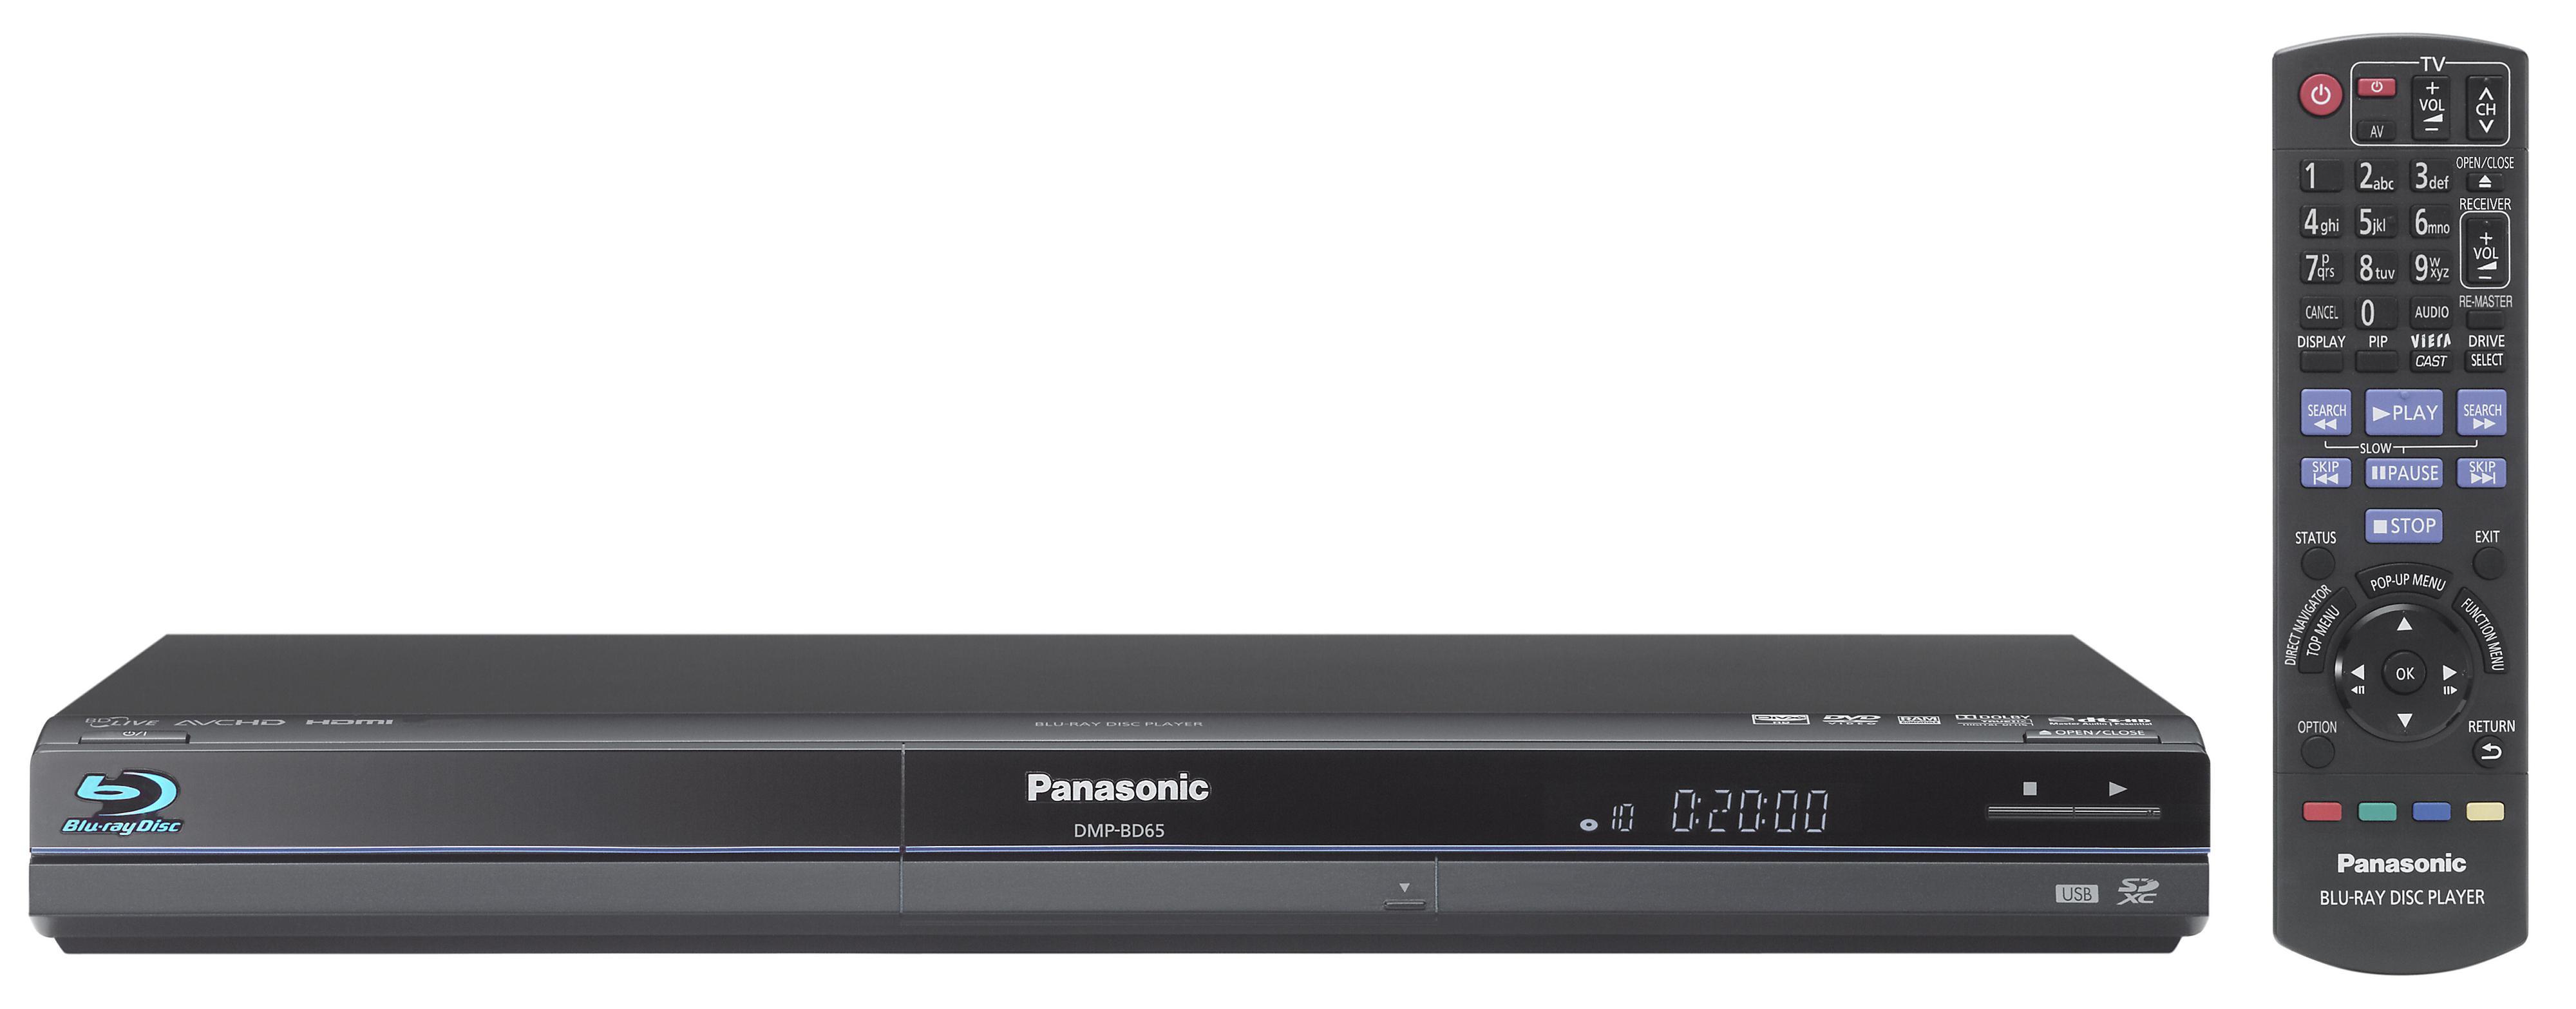 Panasonic BDP-BD65: Nesten identisk med storebror BD85 (Klikk for større bilde)